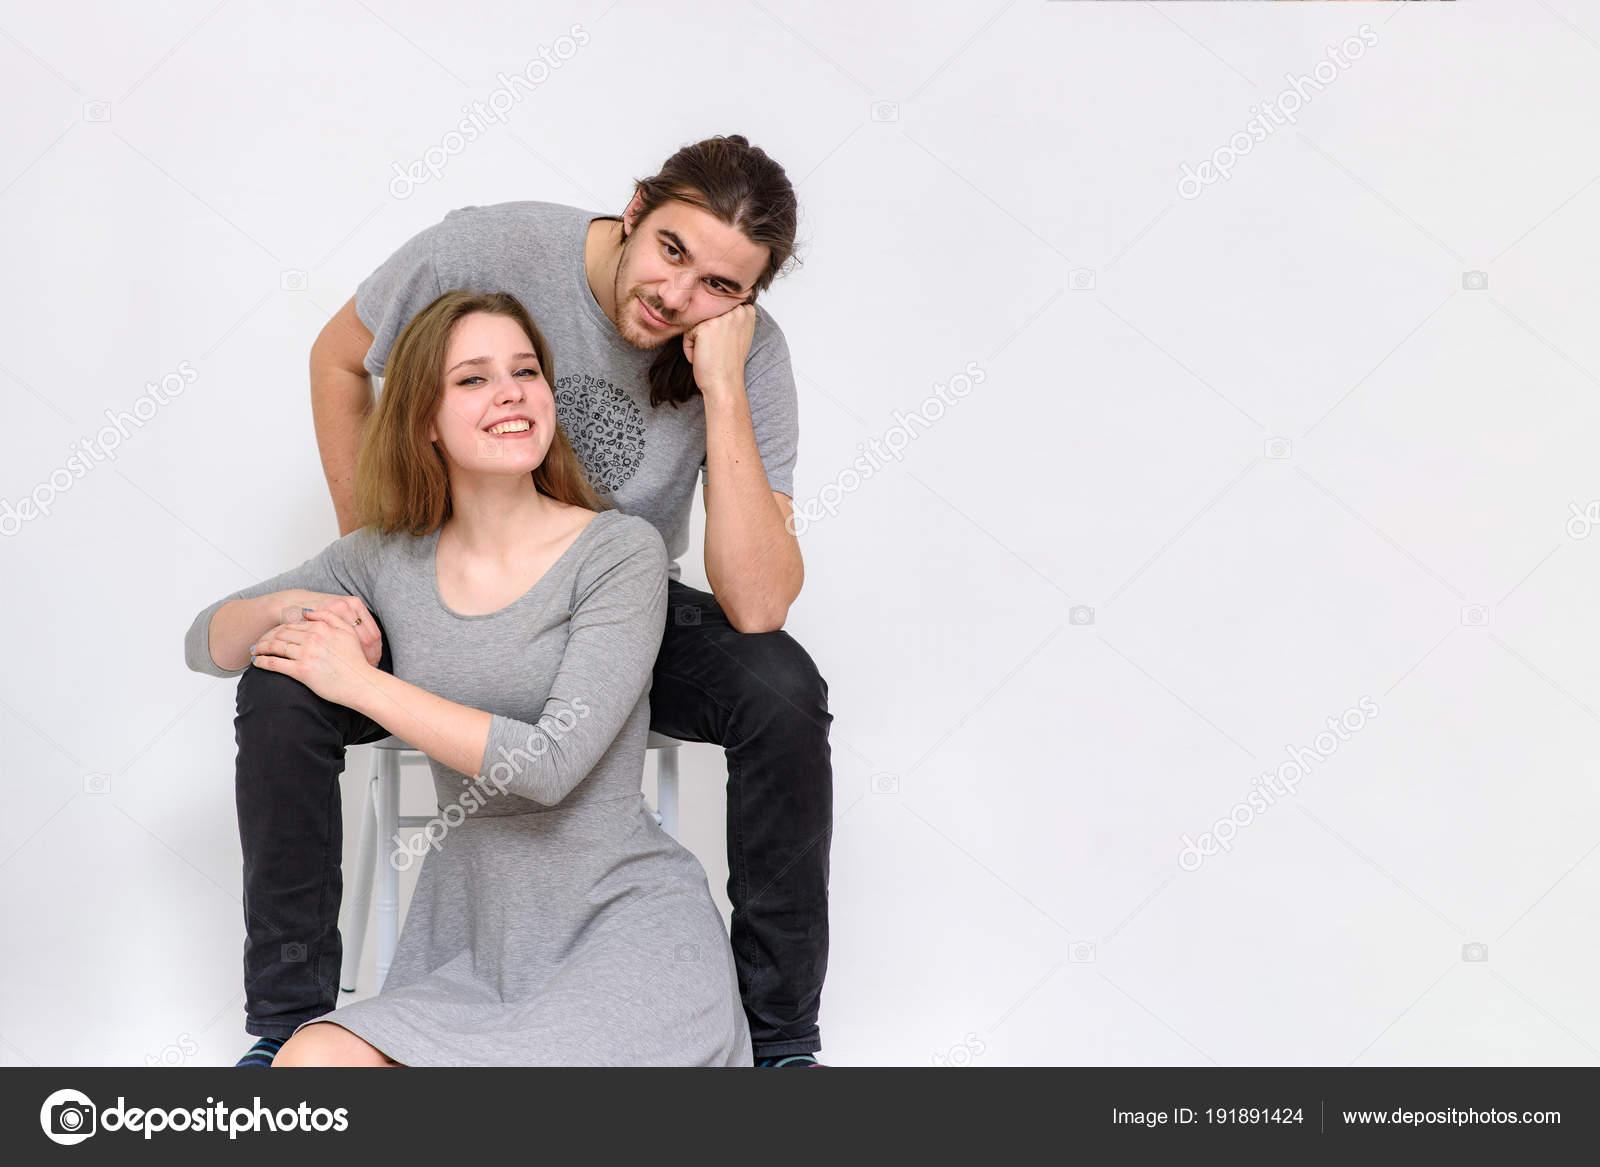 Güzel Genç Erkek Kadın Bir Sandalye Farklı Pozlar Katında Oturuyor